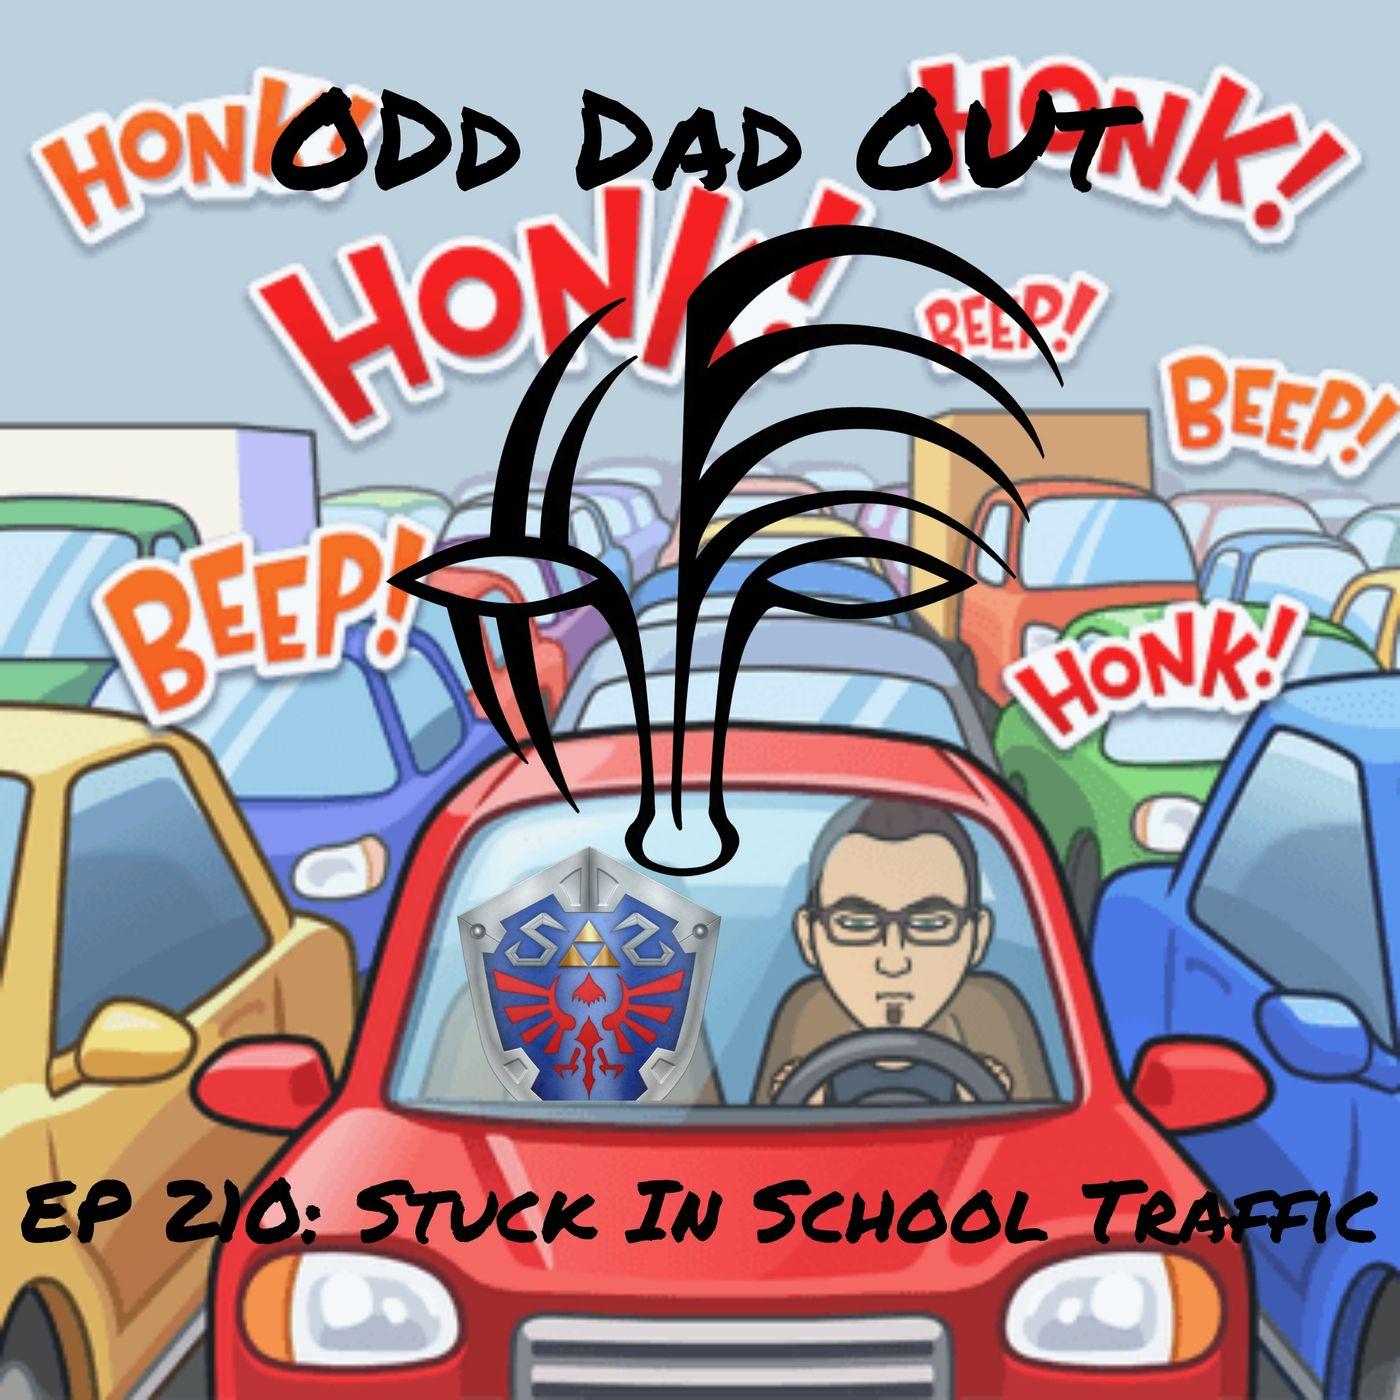 Stuck In School Traffic: ODO 210